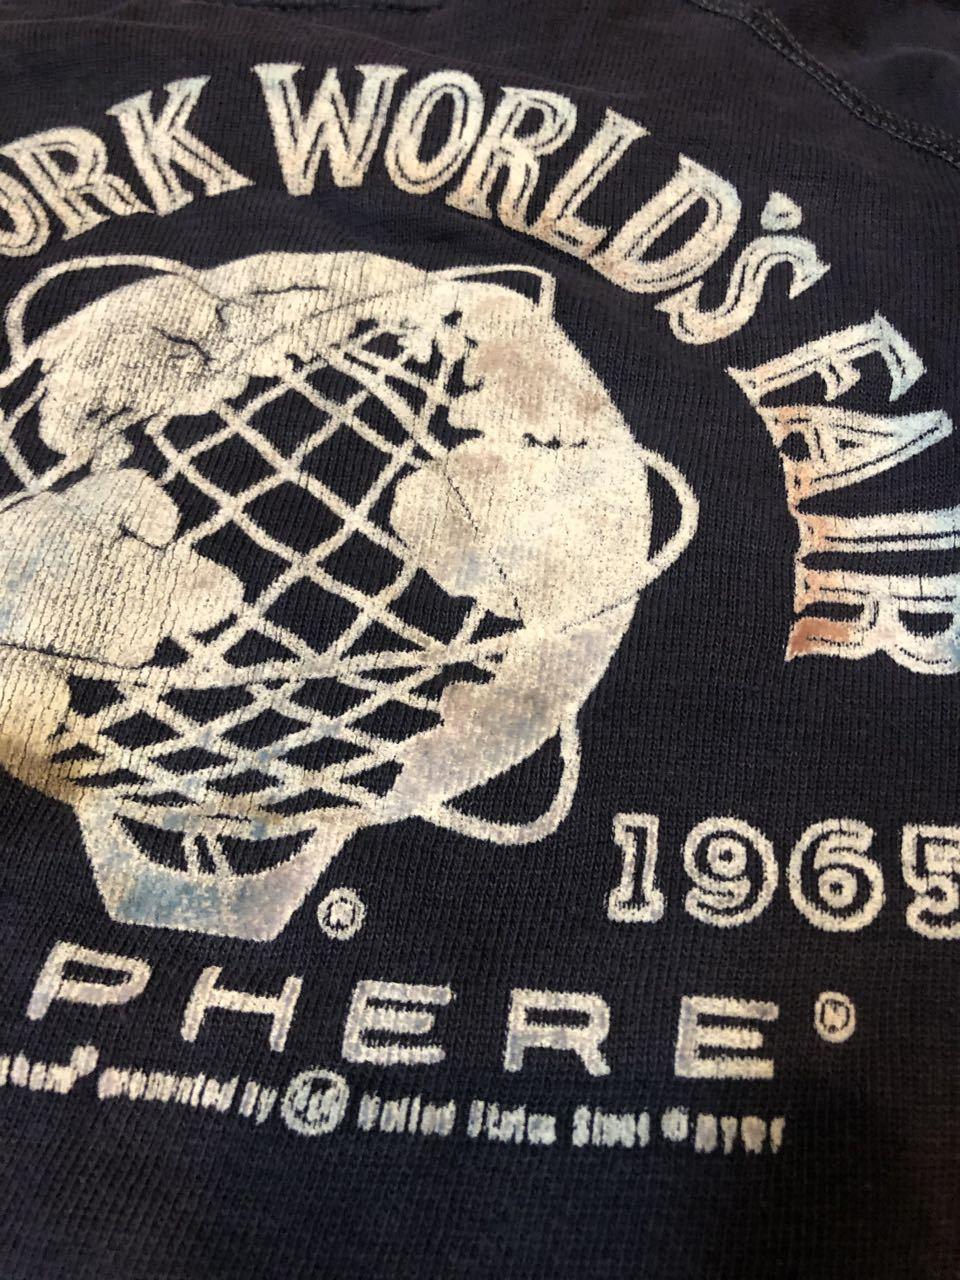 11月3日(日)入荷!1964年 NEW YORK WORLD\'S FAIR カラーフロッキー 記念スエット! _c0144020_14252718.jpg